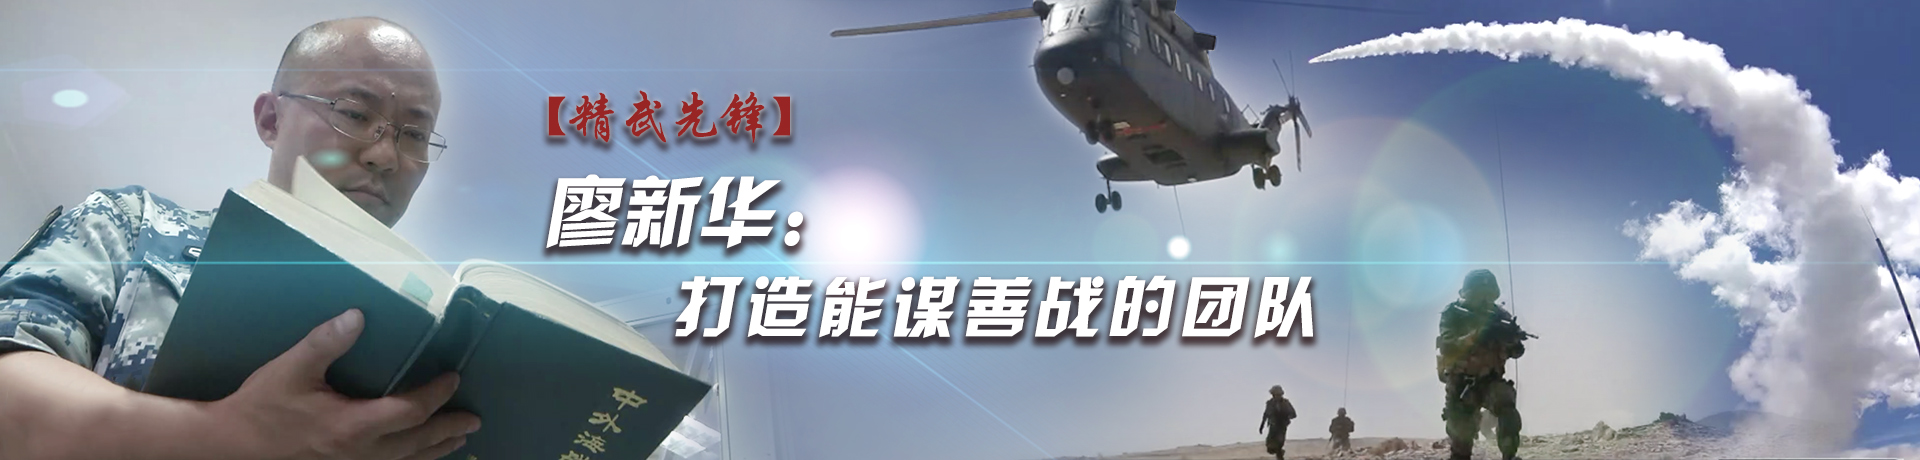 【精武先锋】廖新华:打造能谋善战的团队